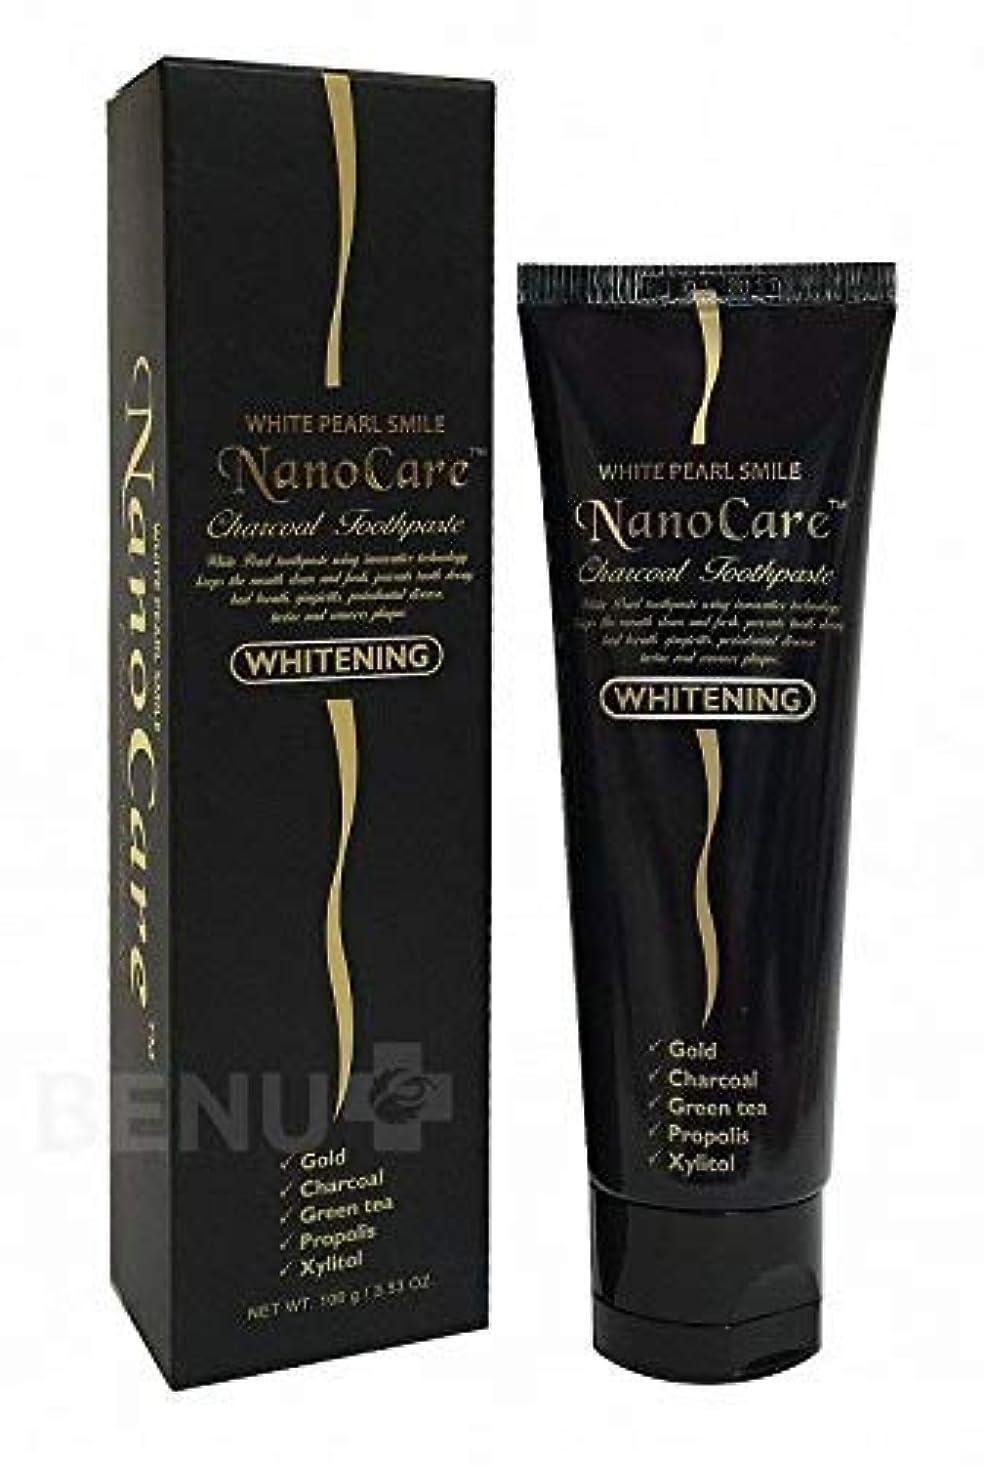 パンフレットラグ債務者Nano Care Whitening Toothpaste with 24K Gold and Activated Charcoal nanoparticles 100 ml Made in Korea?/ 24Kゴールドと活性炭ナノ粒子100mlを配合したホワイトニングの歯磨き粉ナノケア韓国製